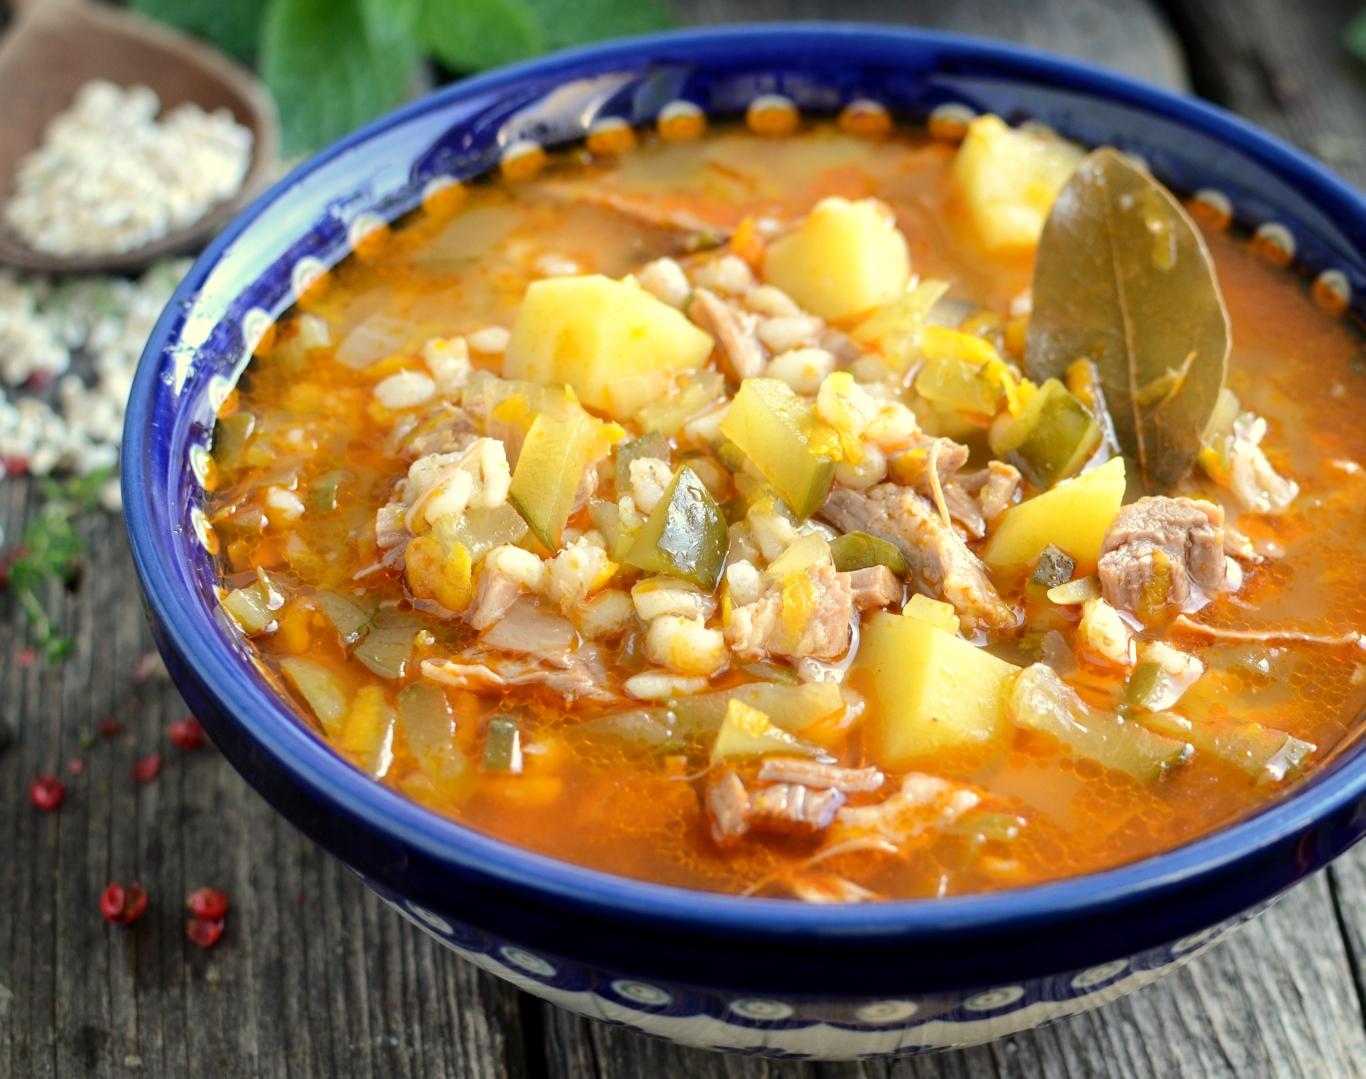 zupa ogórkowa po rosyjsku